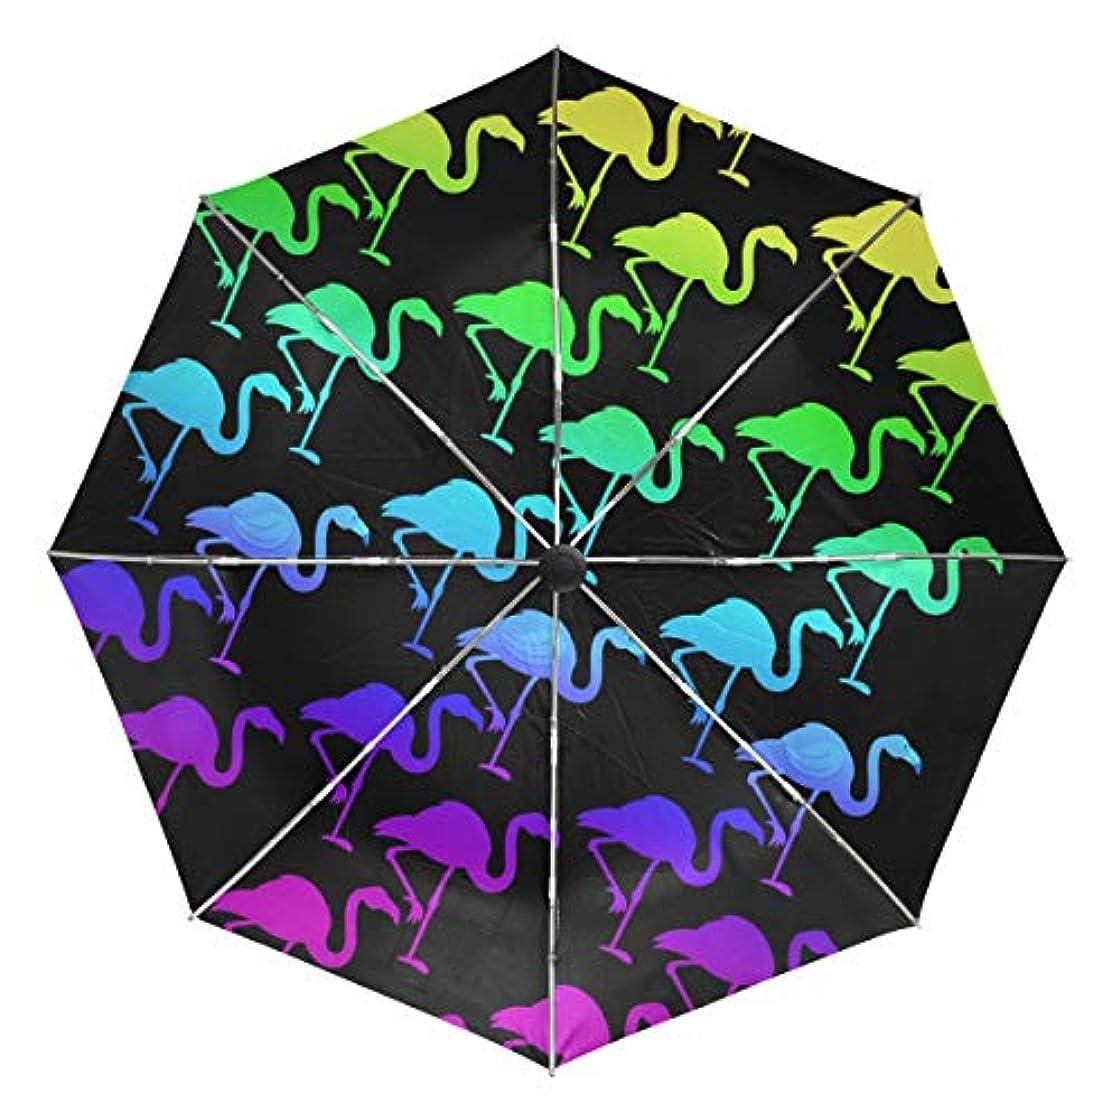 倍率データ液体傘 自動傘 丈夫 台風対策 雨傘 日傘 虹 カラフルなフラミンゴ 三つ折り傘 日よけ傘 日焼け止め 折りたたみ傘 UVカット 紫外線カット 自動開閉 晴雨兼用 梅雨対策